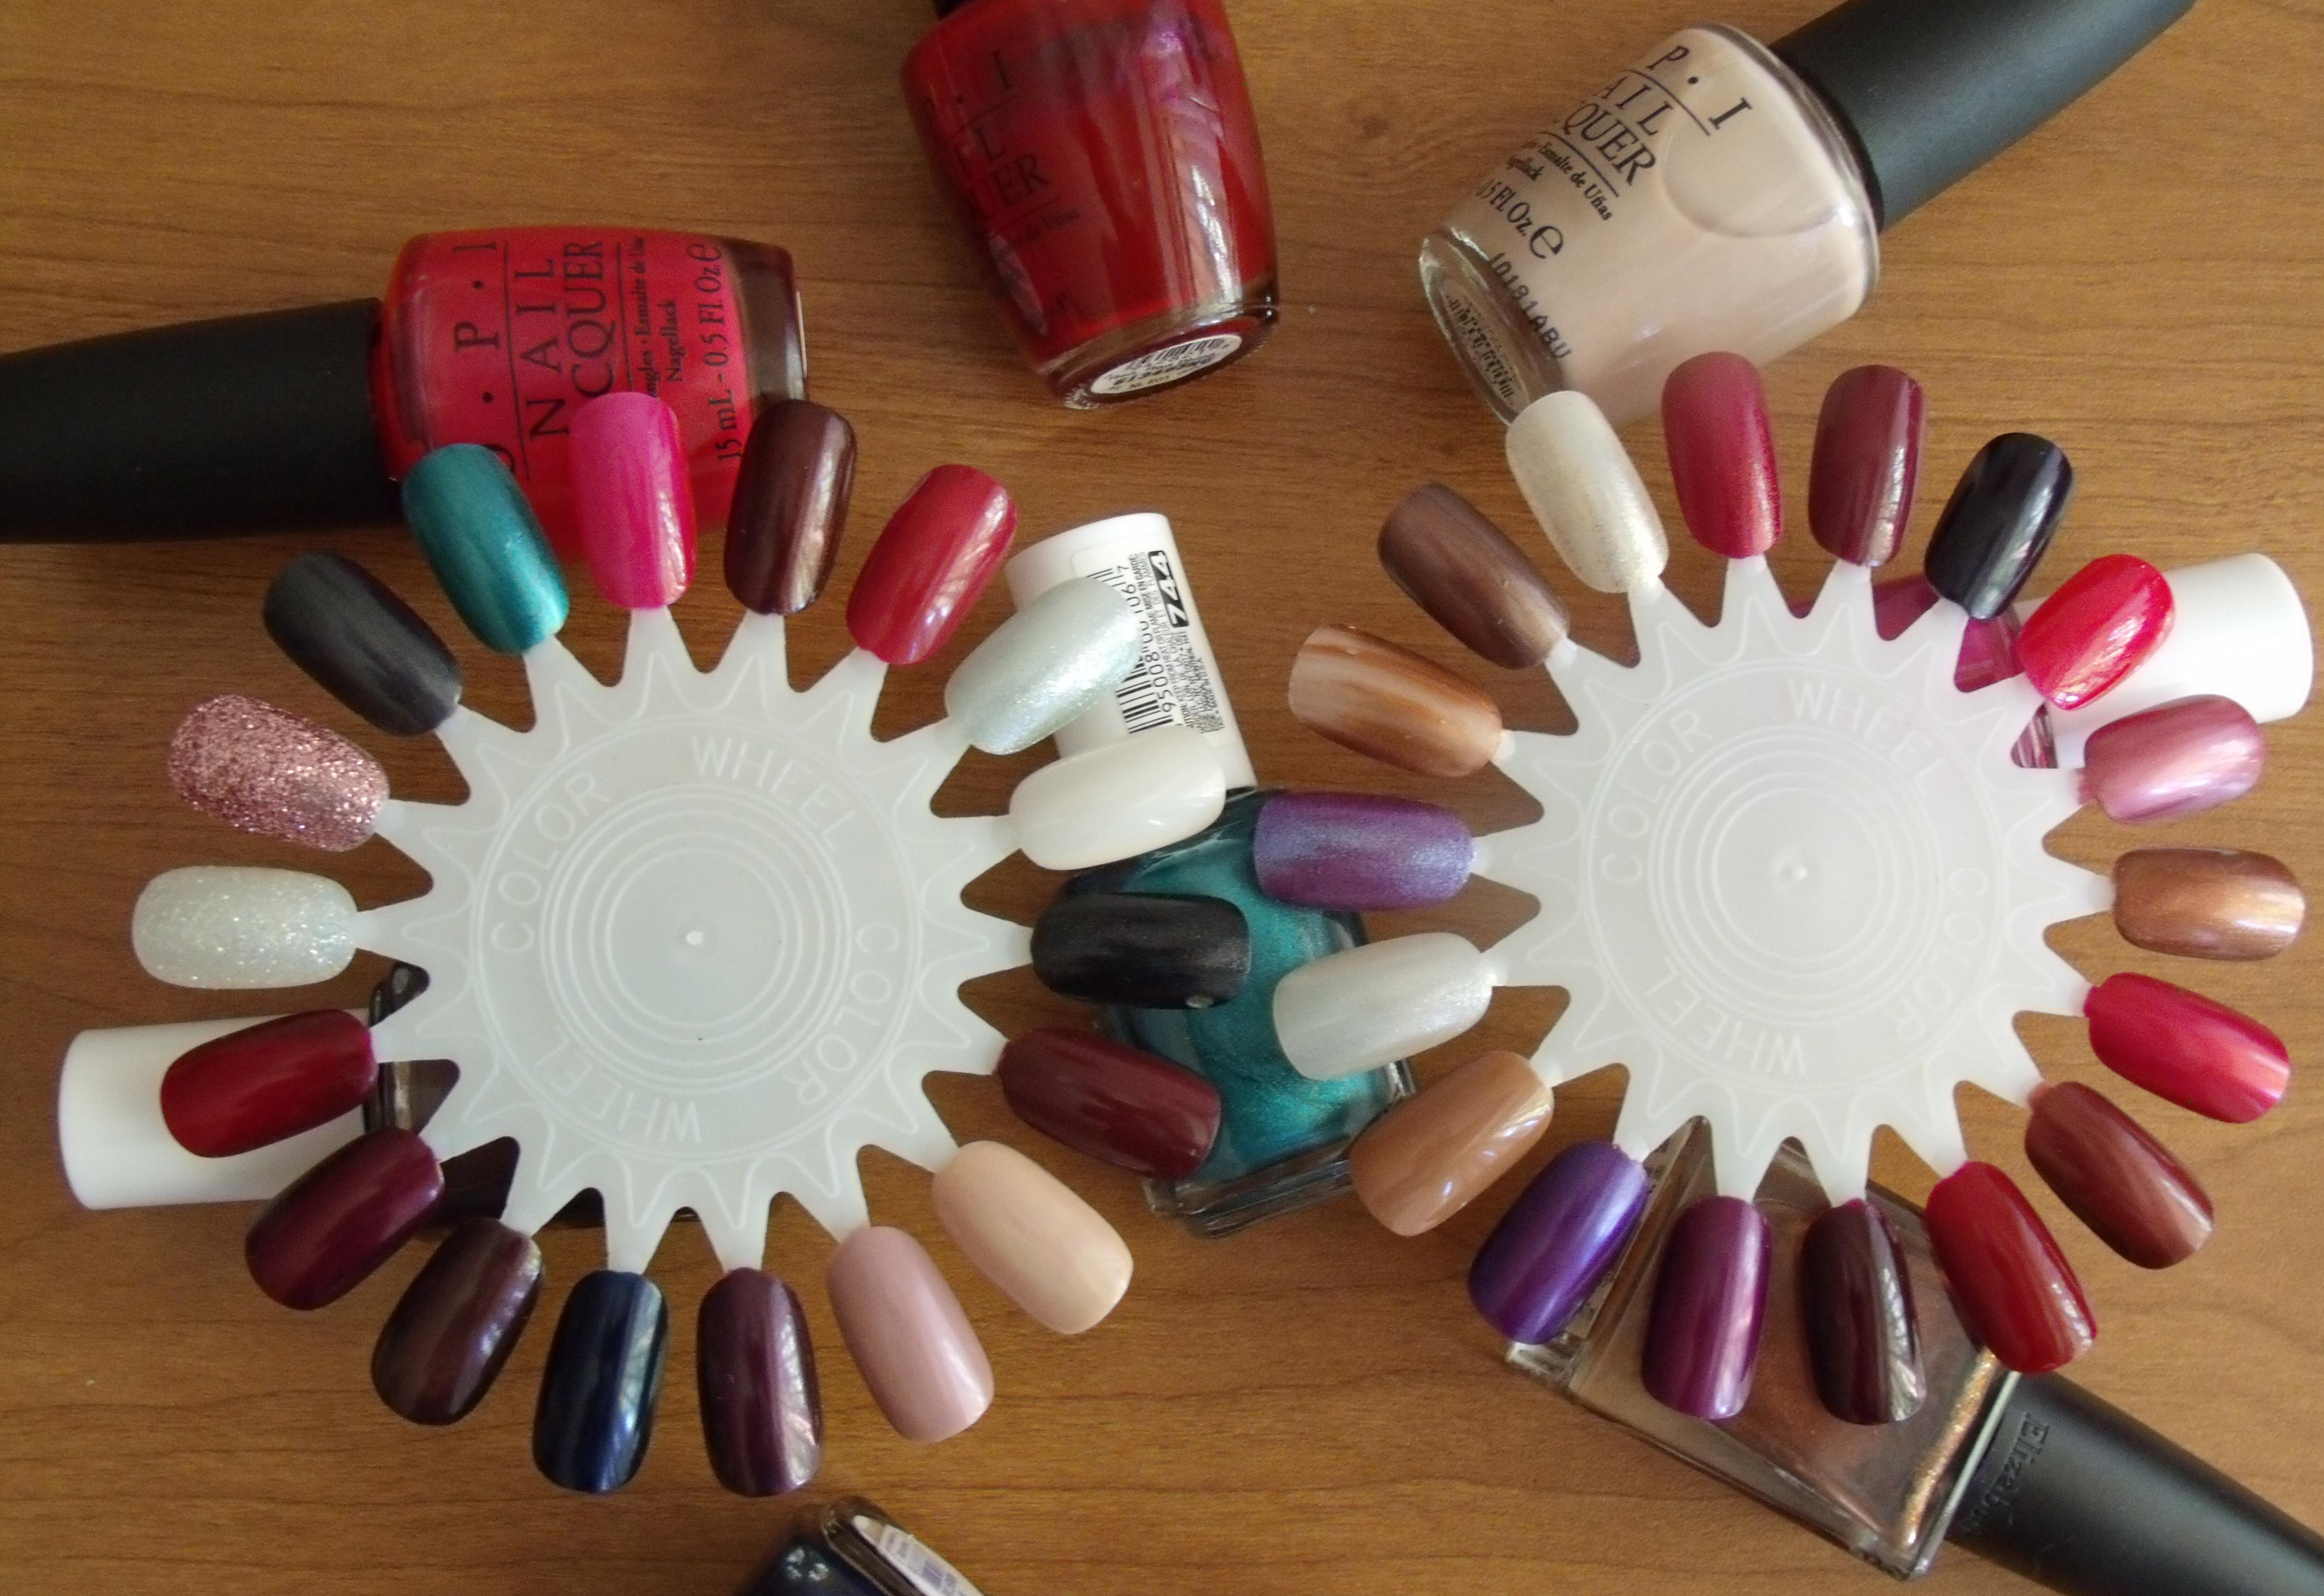 A paleta serve de mostruário para a próxima ida à manicure ou para o momento de indecisão